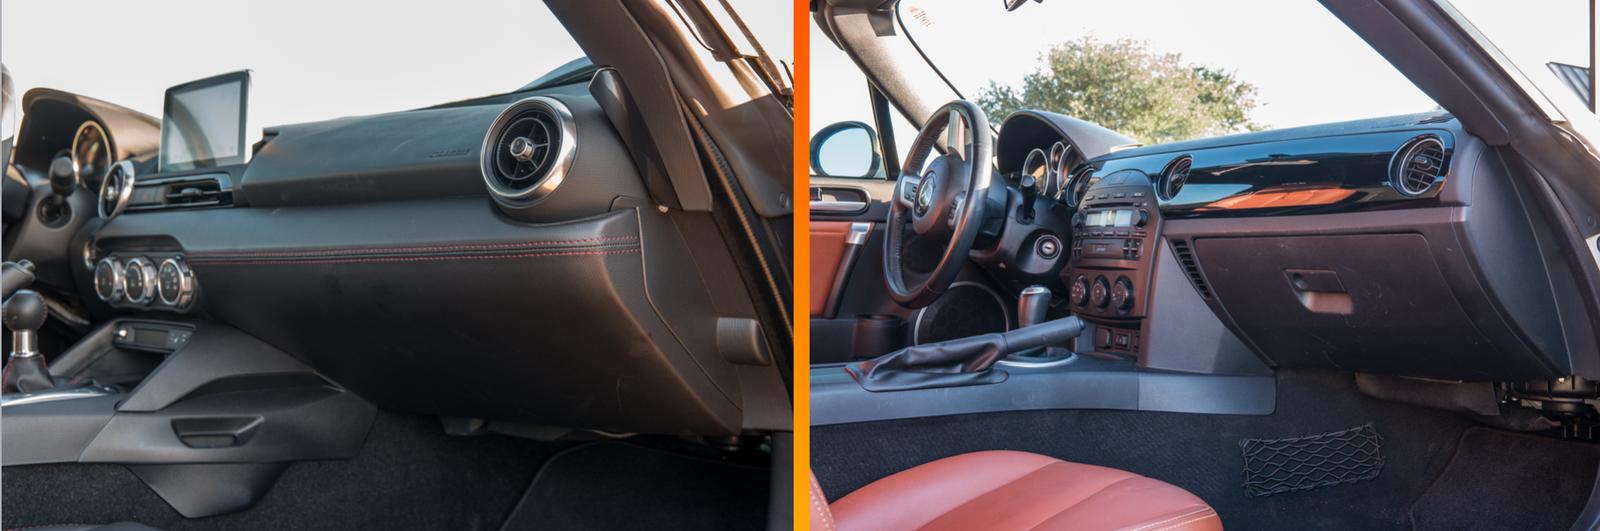 Hier ist, wie die neueste Mazda Miata wirklich mit dem alten vergleicht